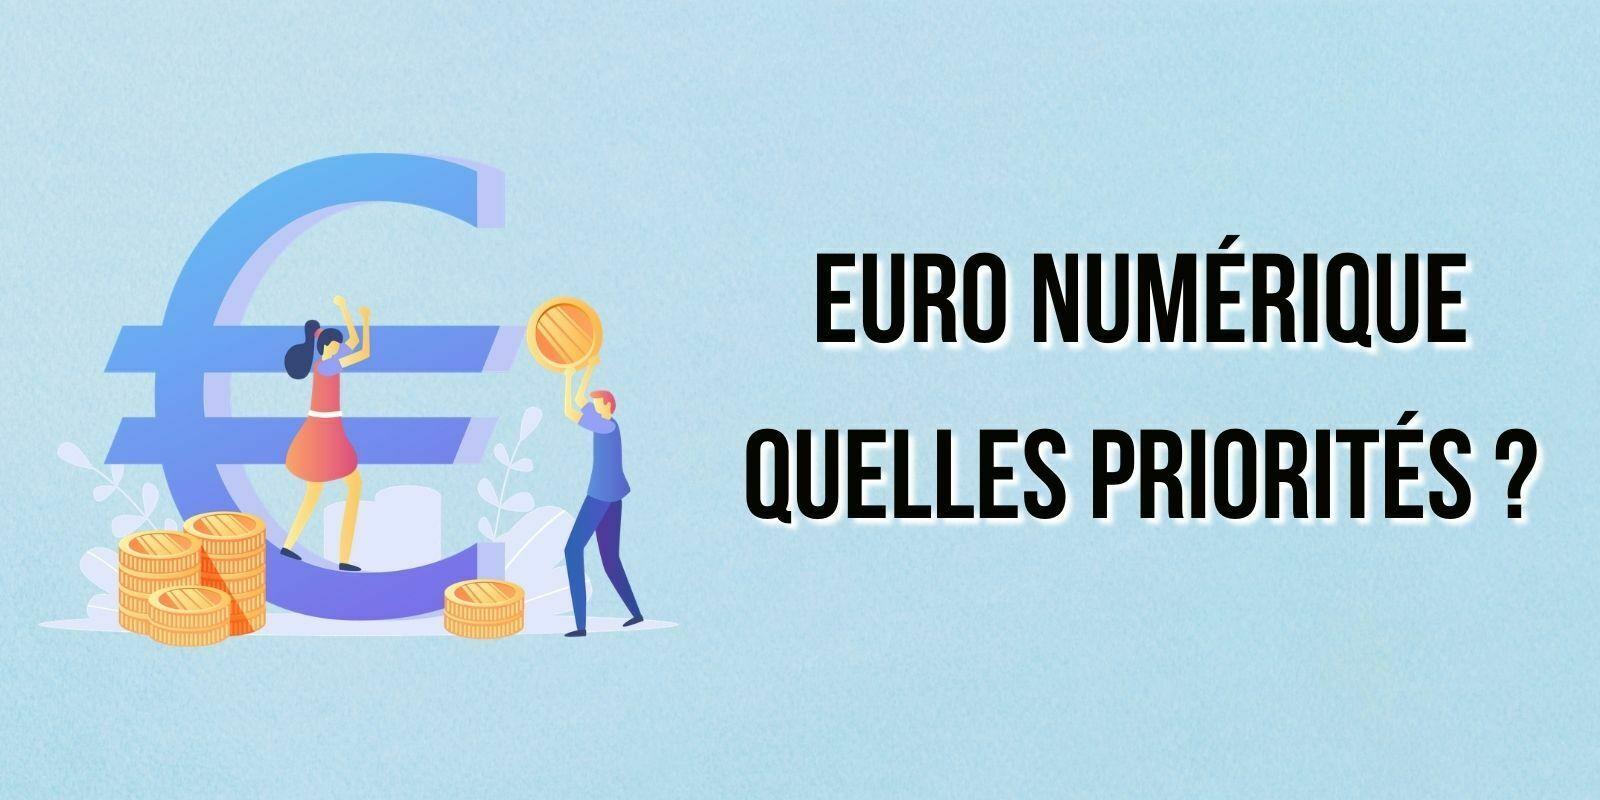 Euro numérique : la BCE publie l'analyse complète de sa consultation publique